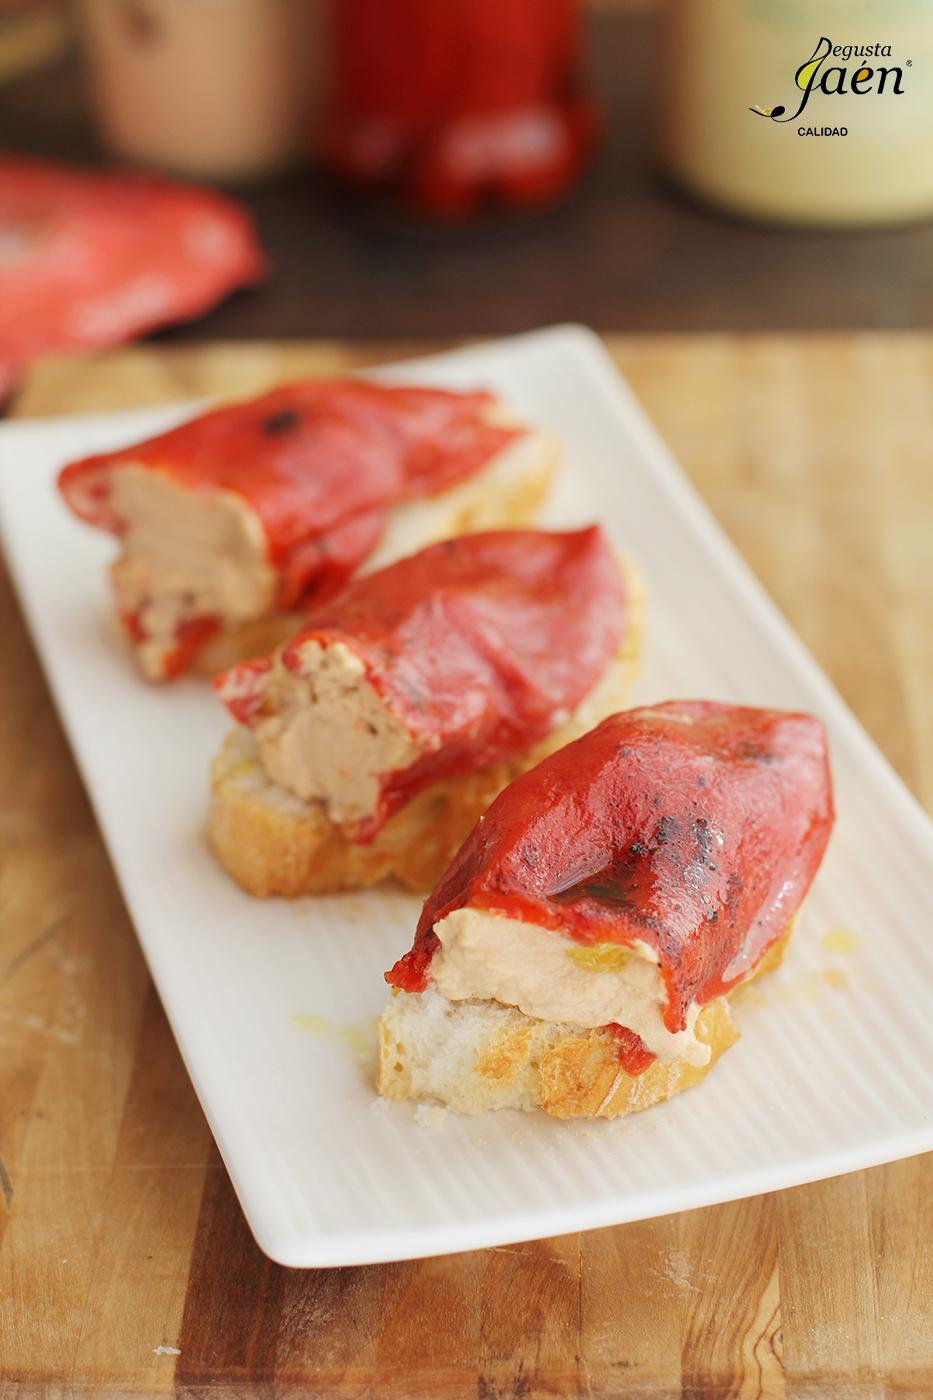 Pimientos del piquillo rellenos de pate de bonito Degusta Jaen (7)